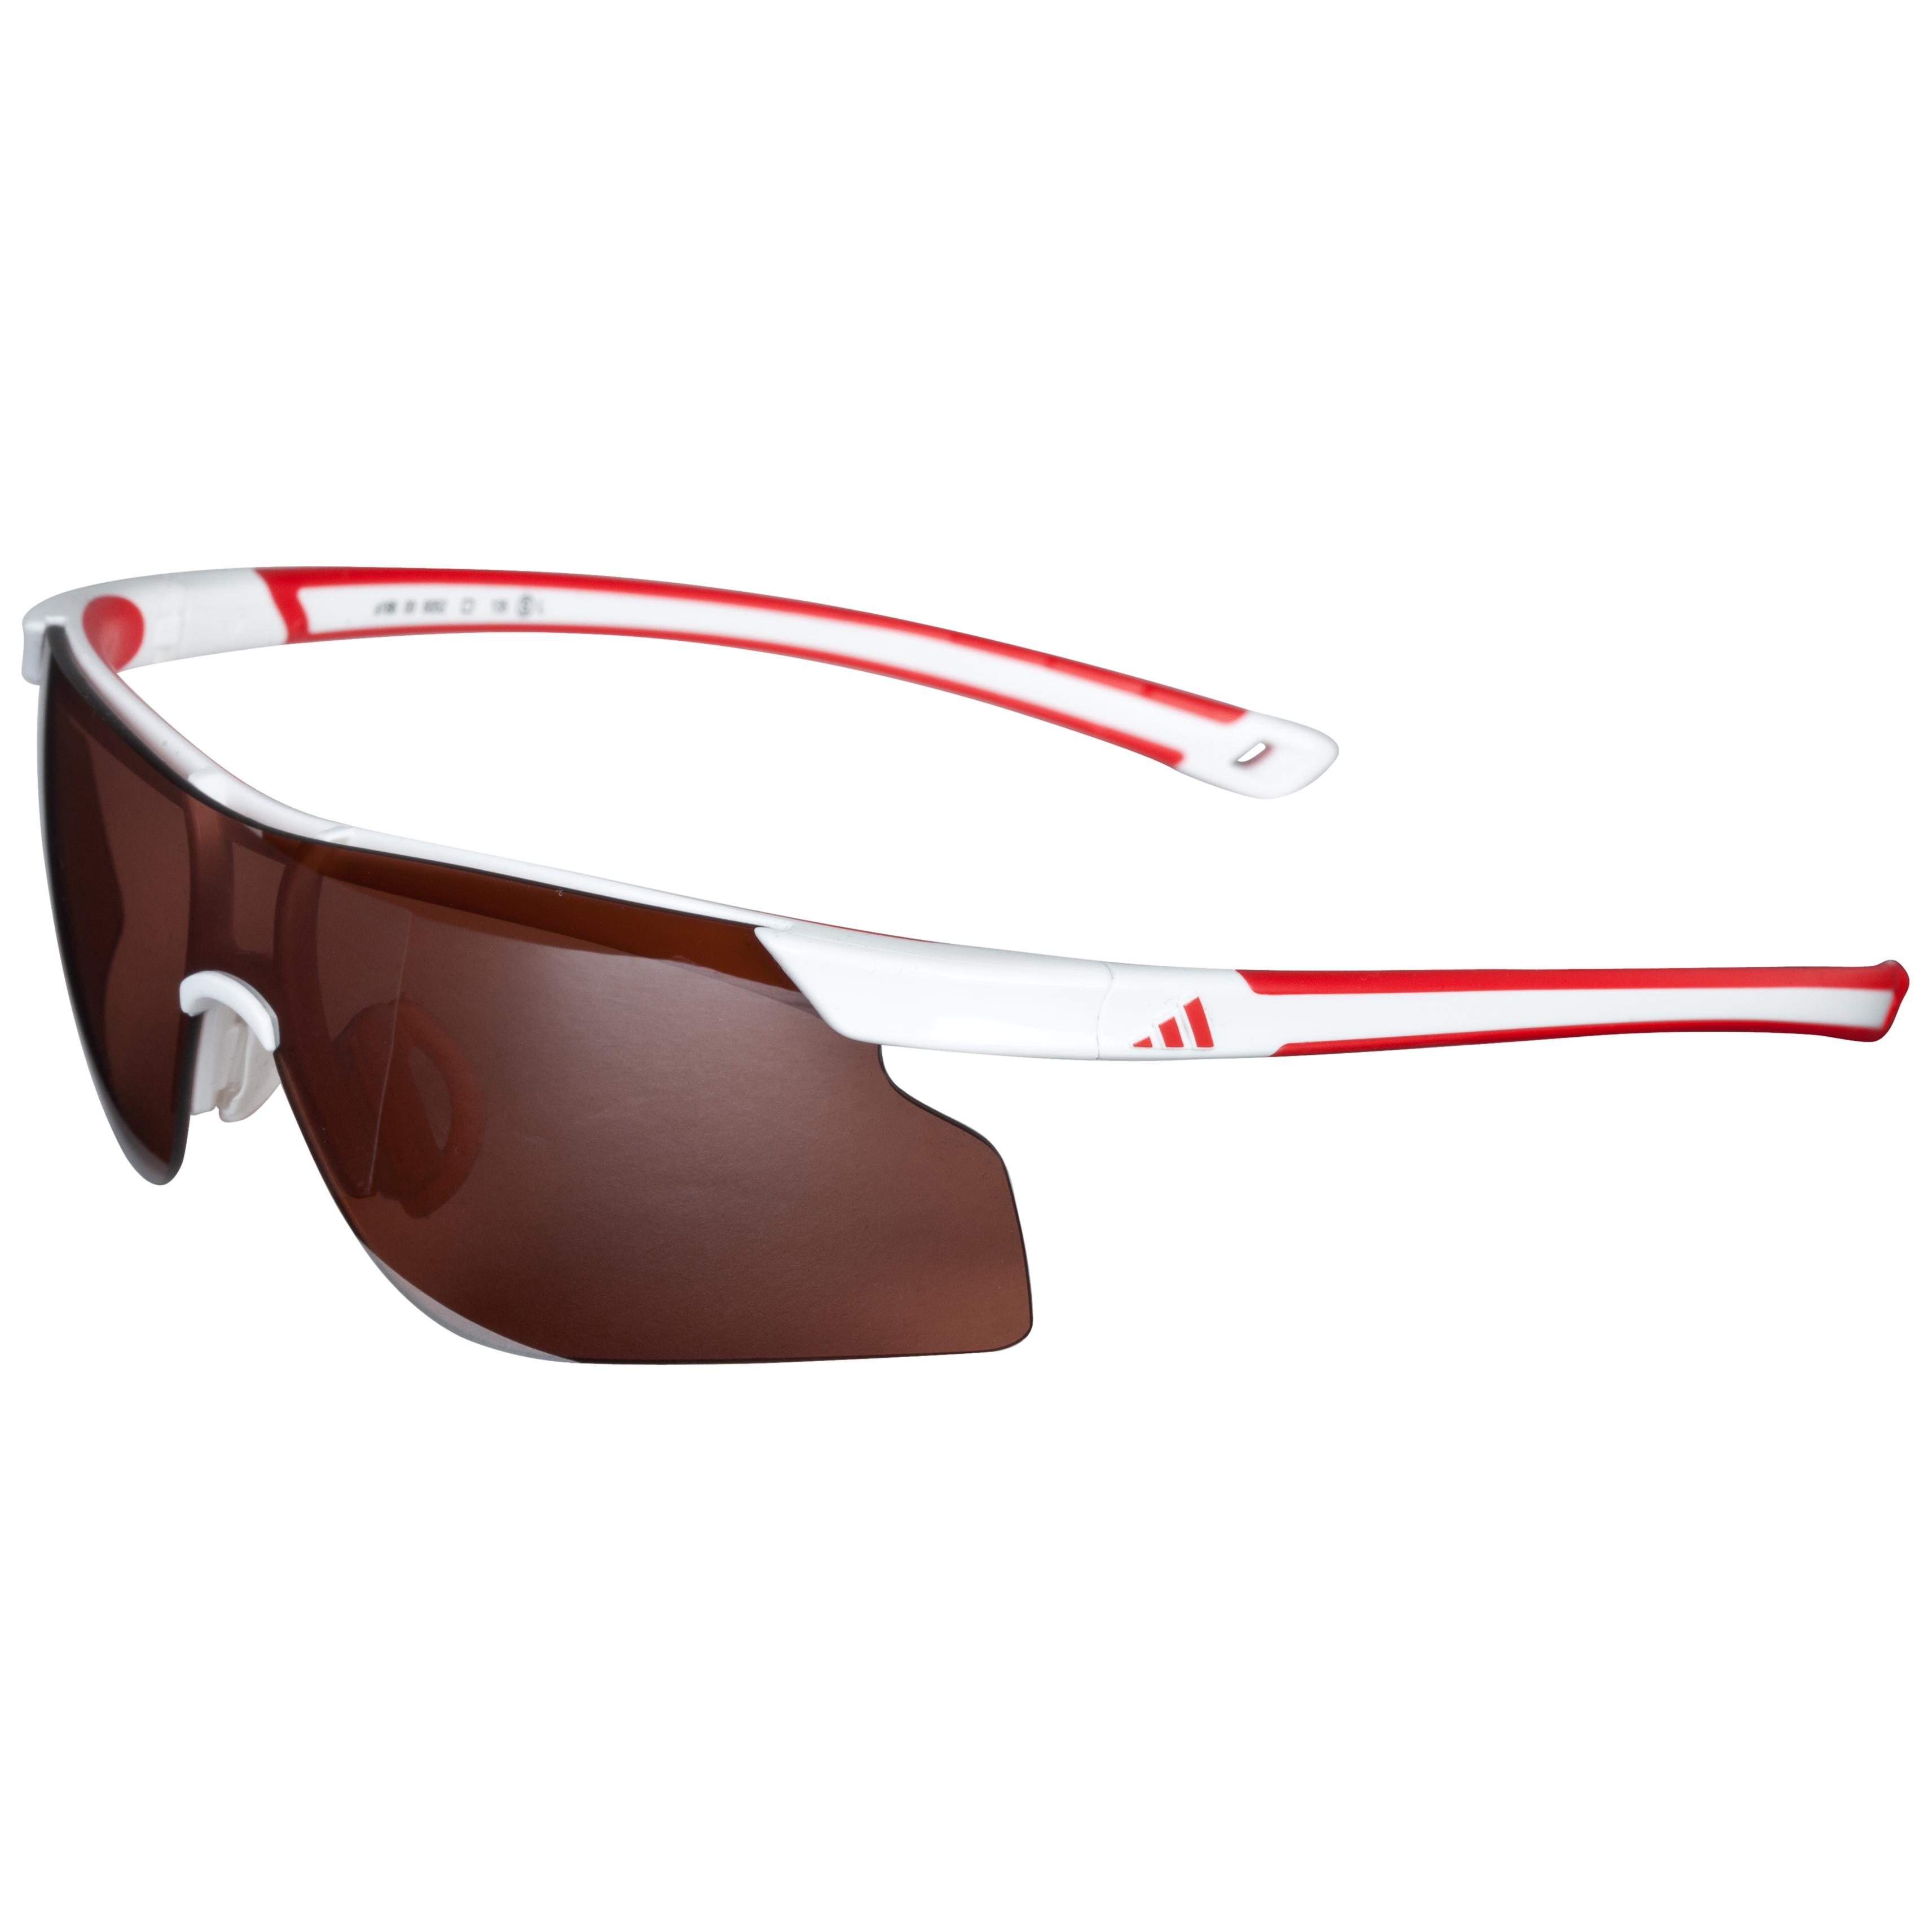 Adidas Adizero Tempo Sunglasses - (White/Red) - Small